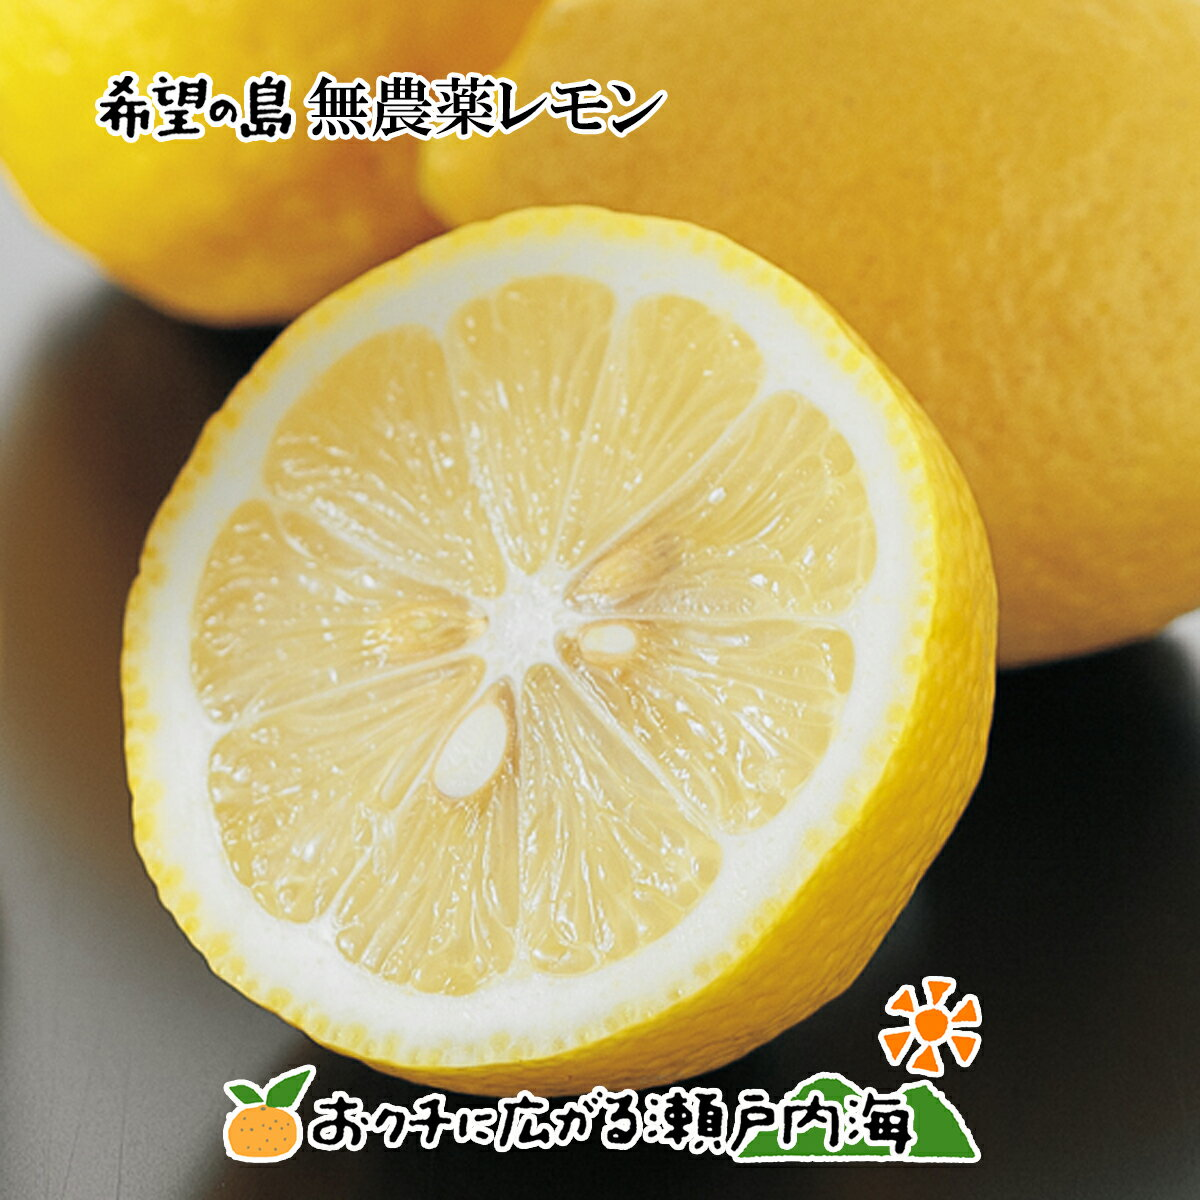 希望の島 無農薬レモン 5kg サイズ込 愛媛 中島産ユーレカレモン 国産レモン 無農薬